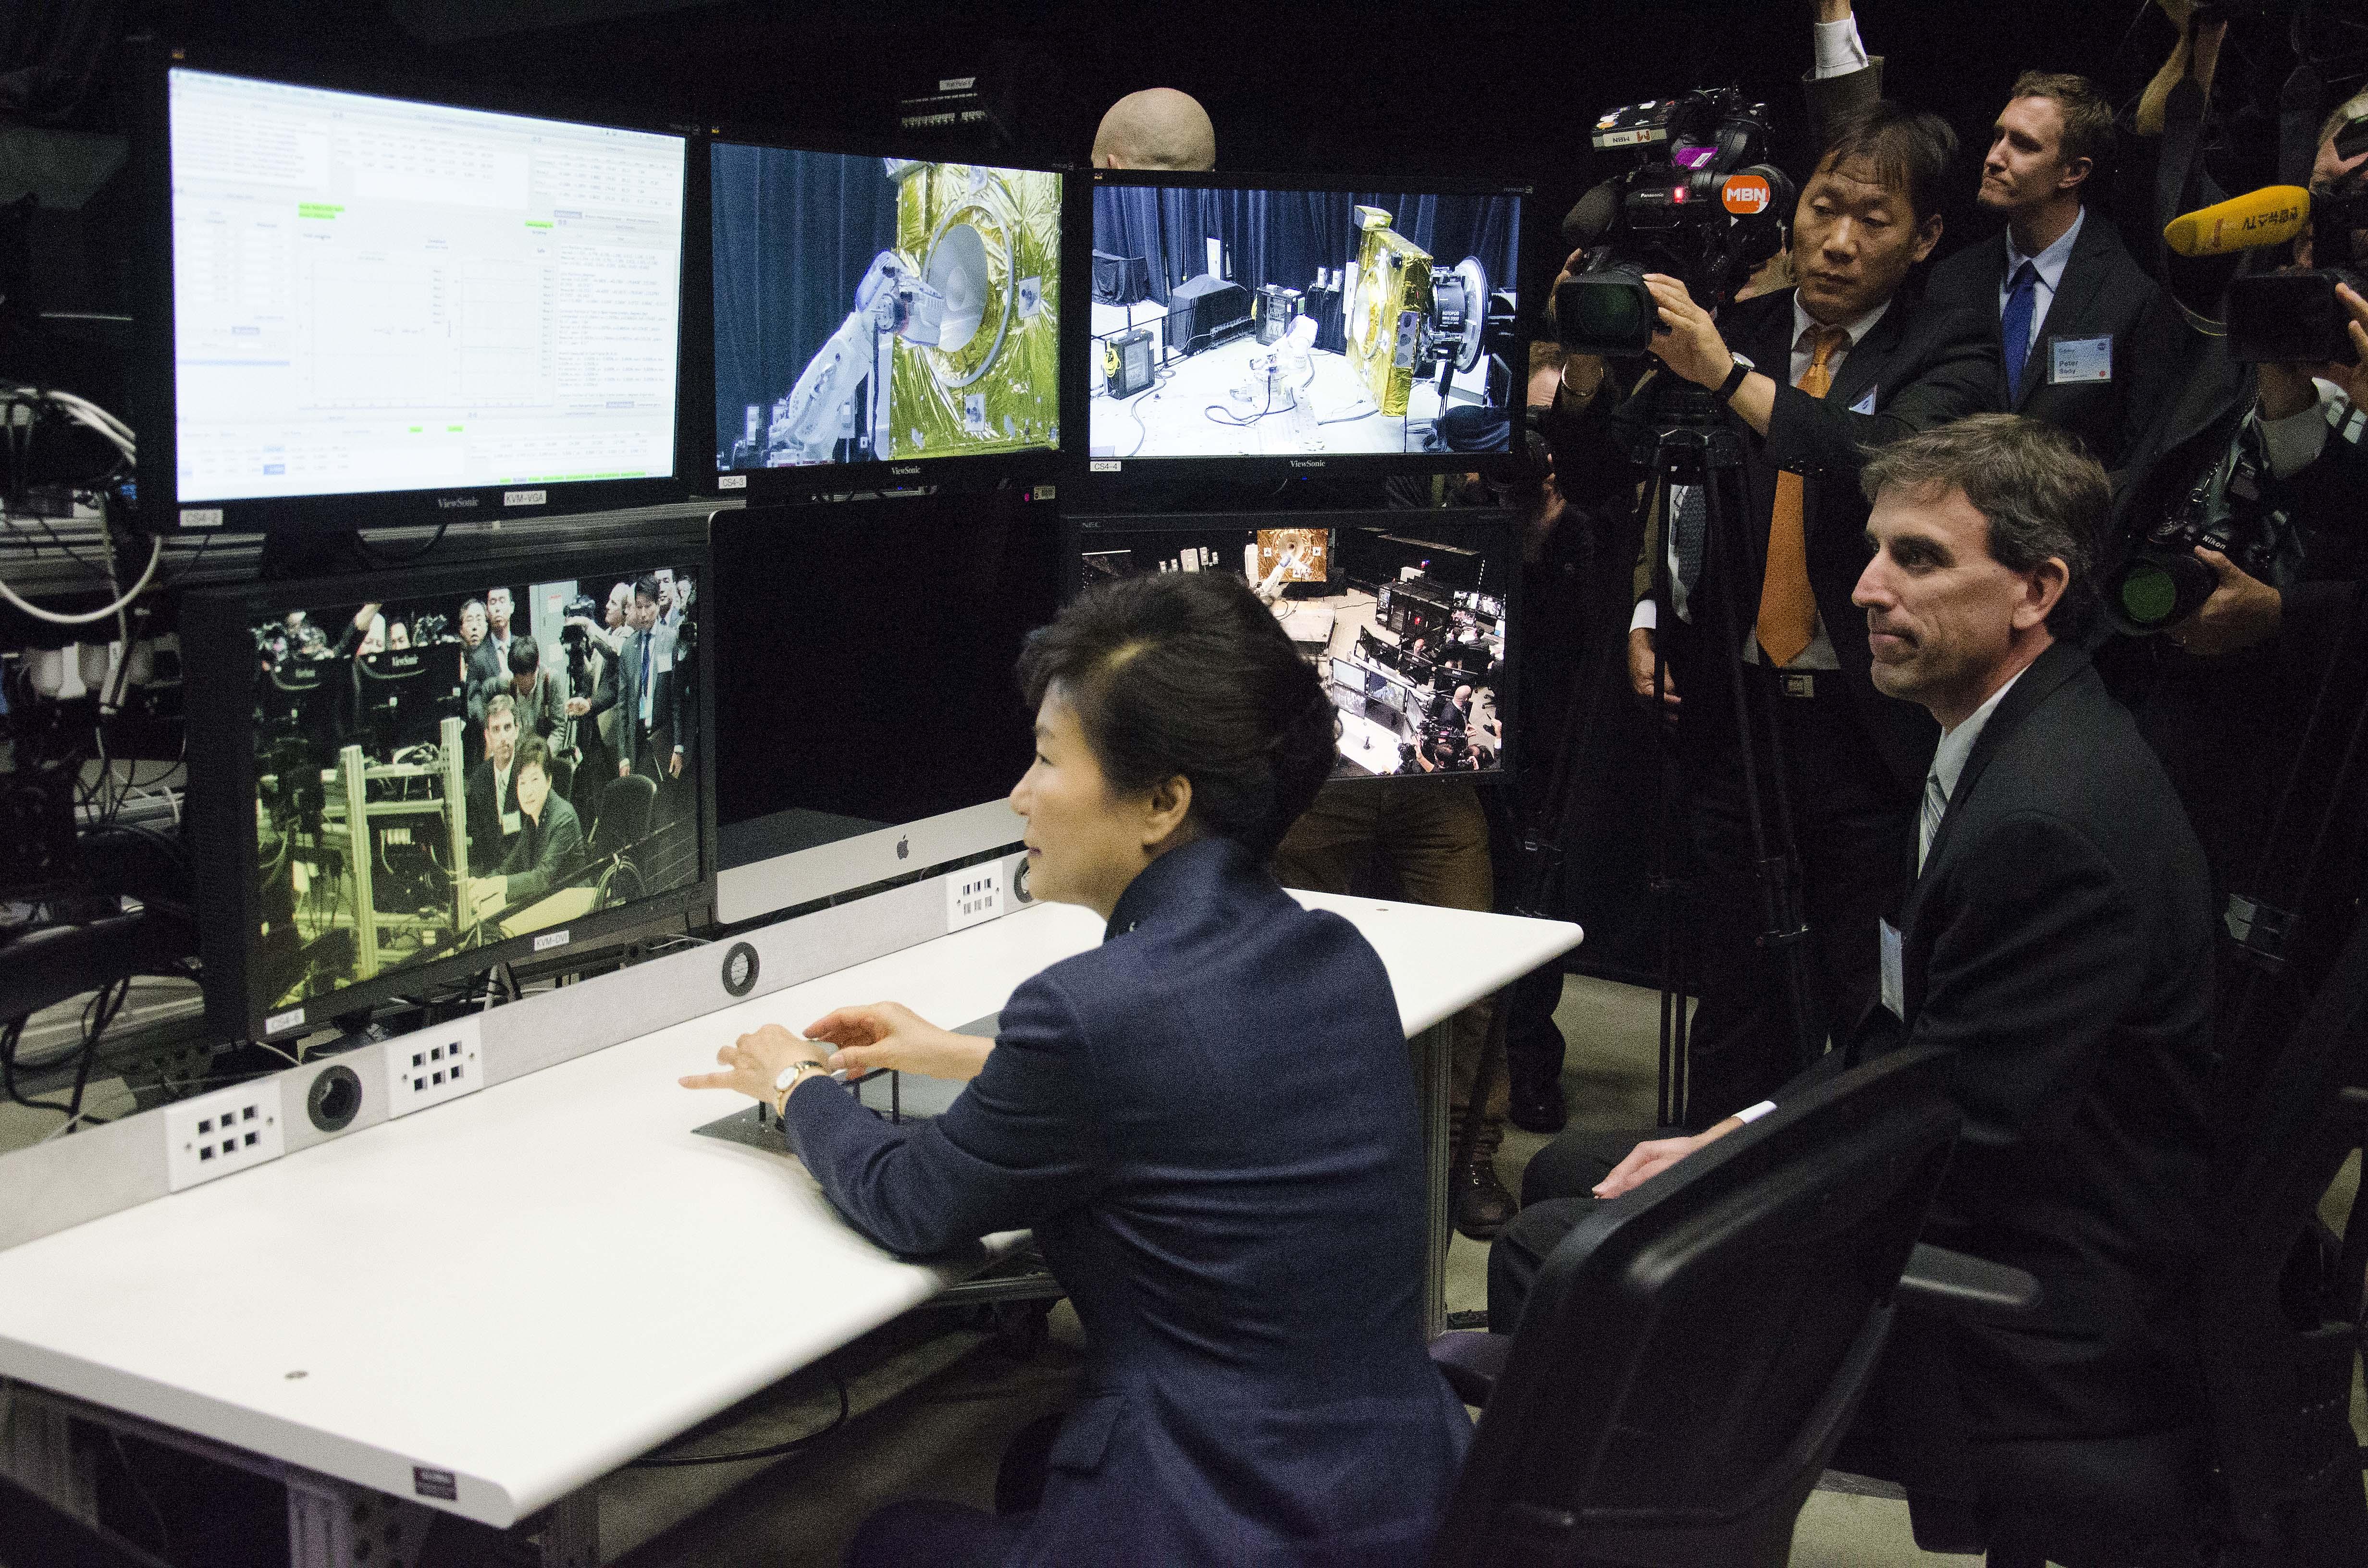 ロボットアーム操作を行う朴槿恵大統領 (Photo: NASA)